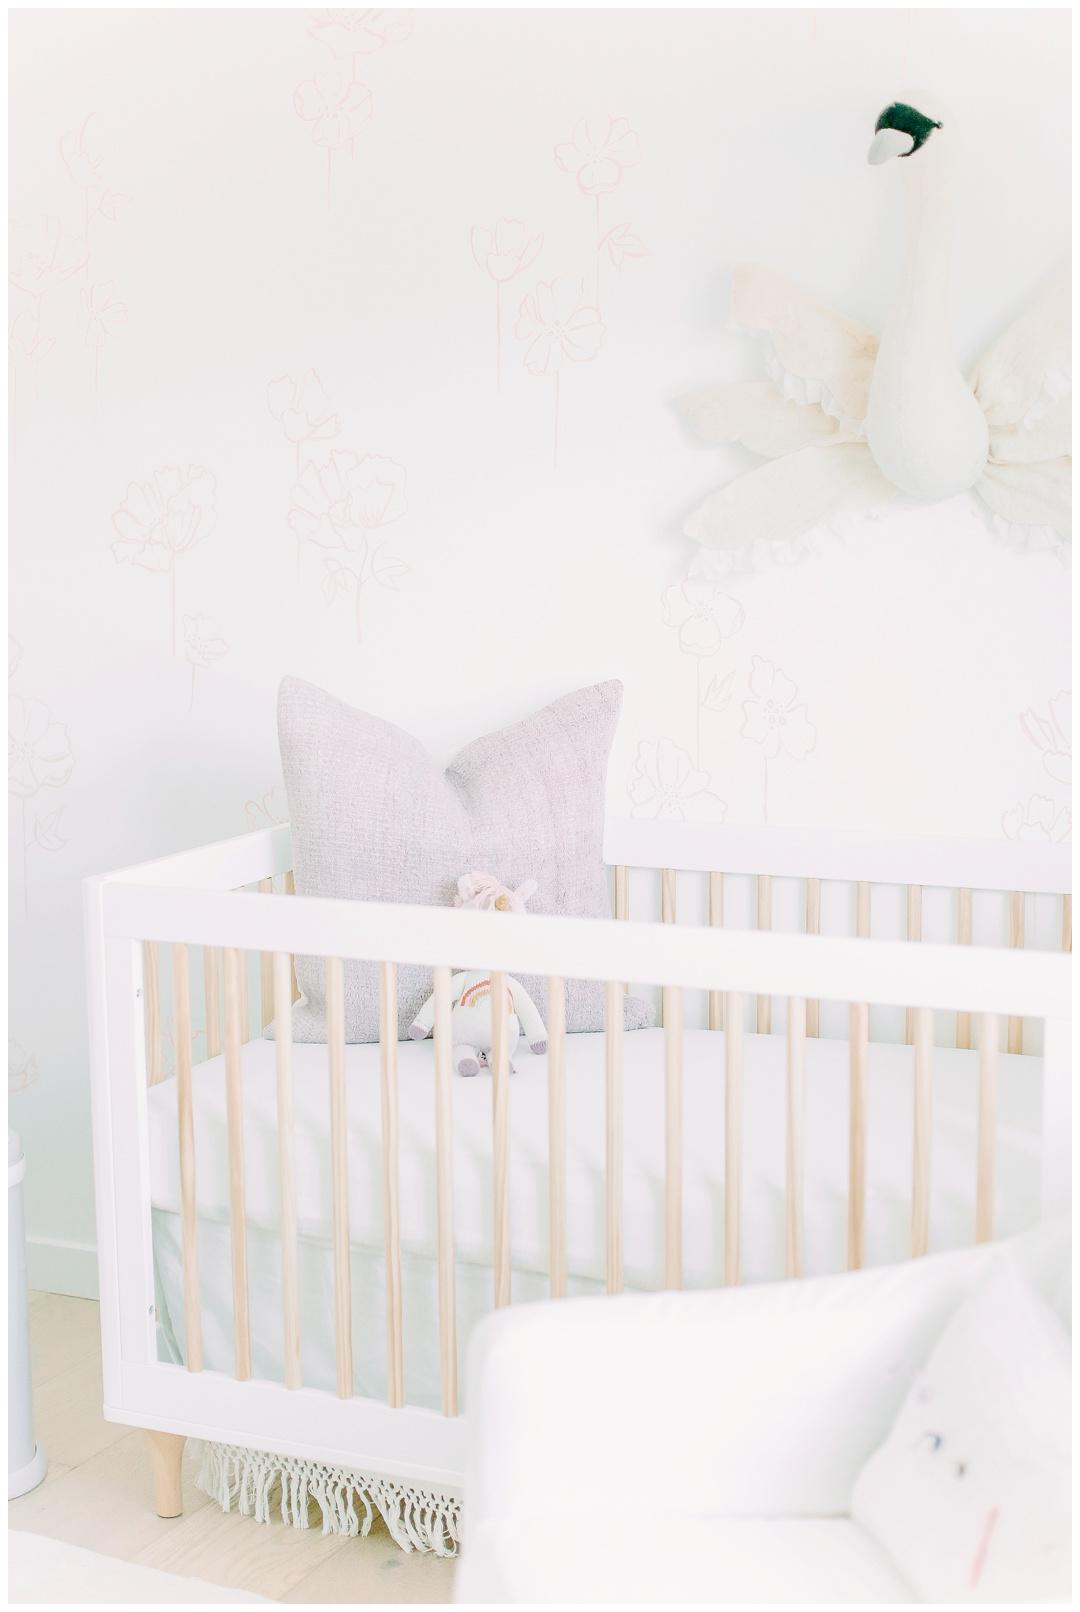 Newport_Beach_Newborn_Photographer_In-home_Newborn_Photography_Cori_Kleckner_Photography_The_Pirro_Family_Jessica_Pirro__1083.jpg